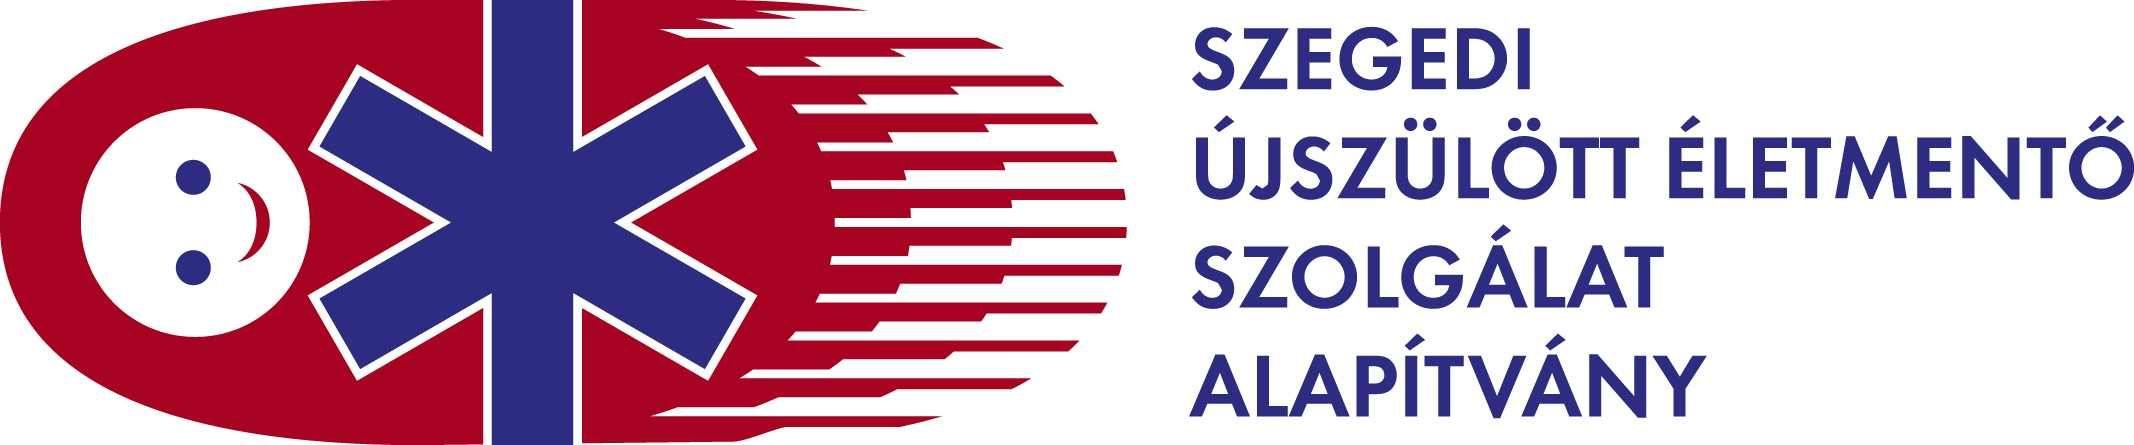 Szegedi újszülött mentő alapítvány